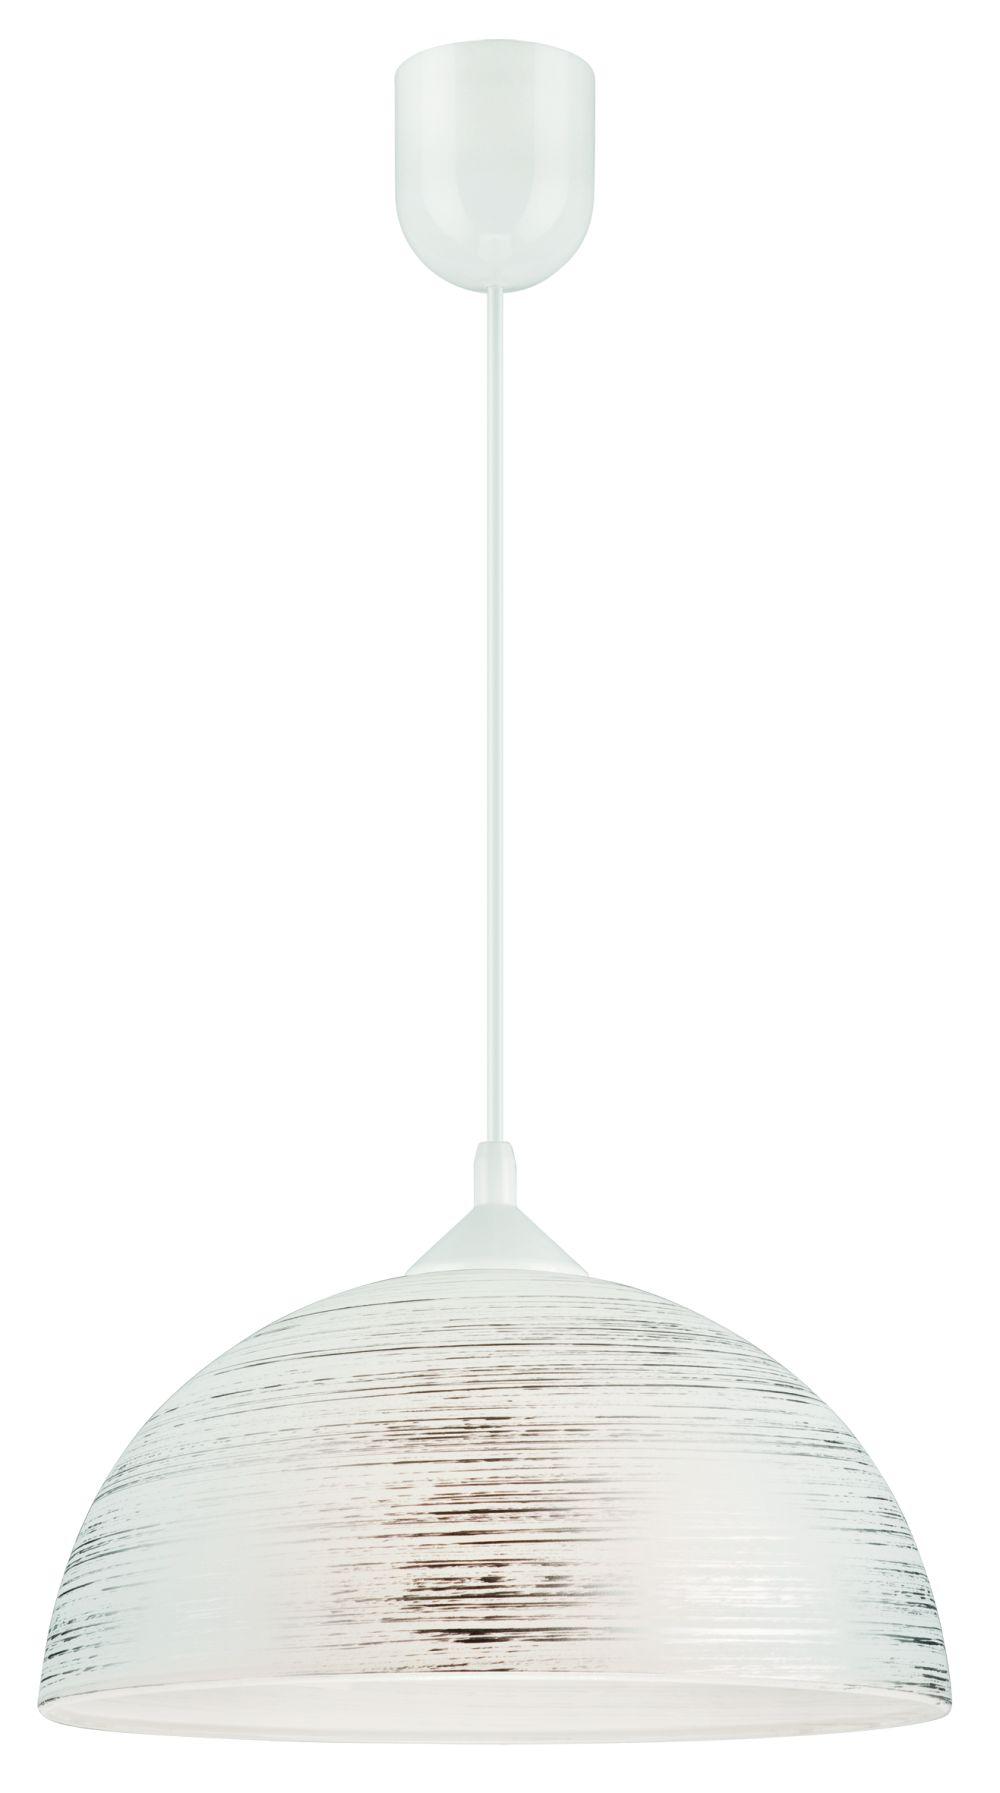 Hängelampe in Silber Glas Esszimmer Leuchte